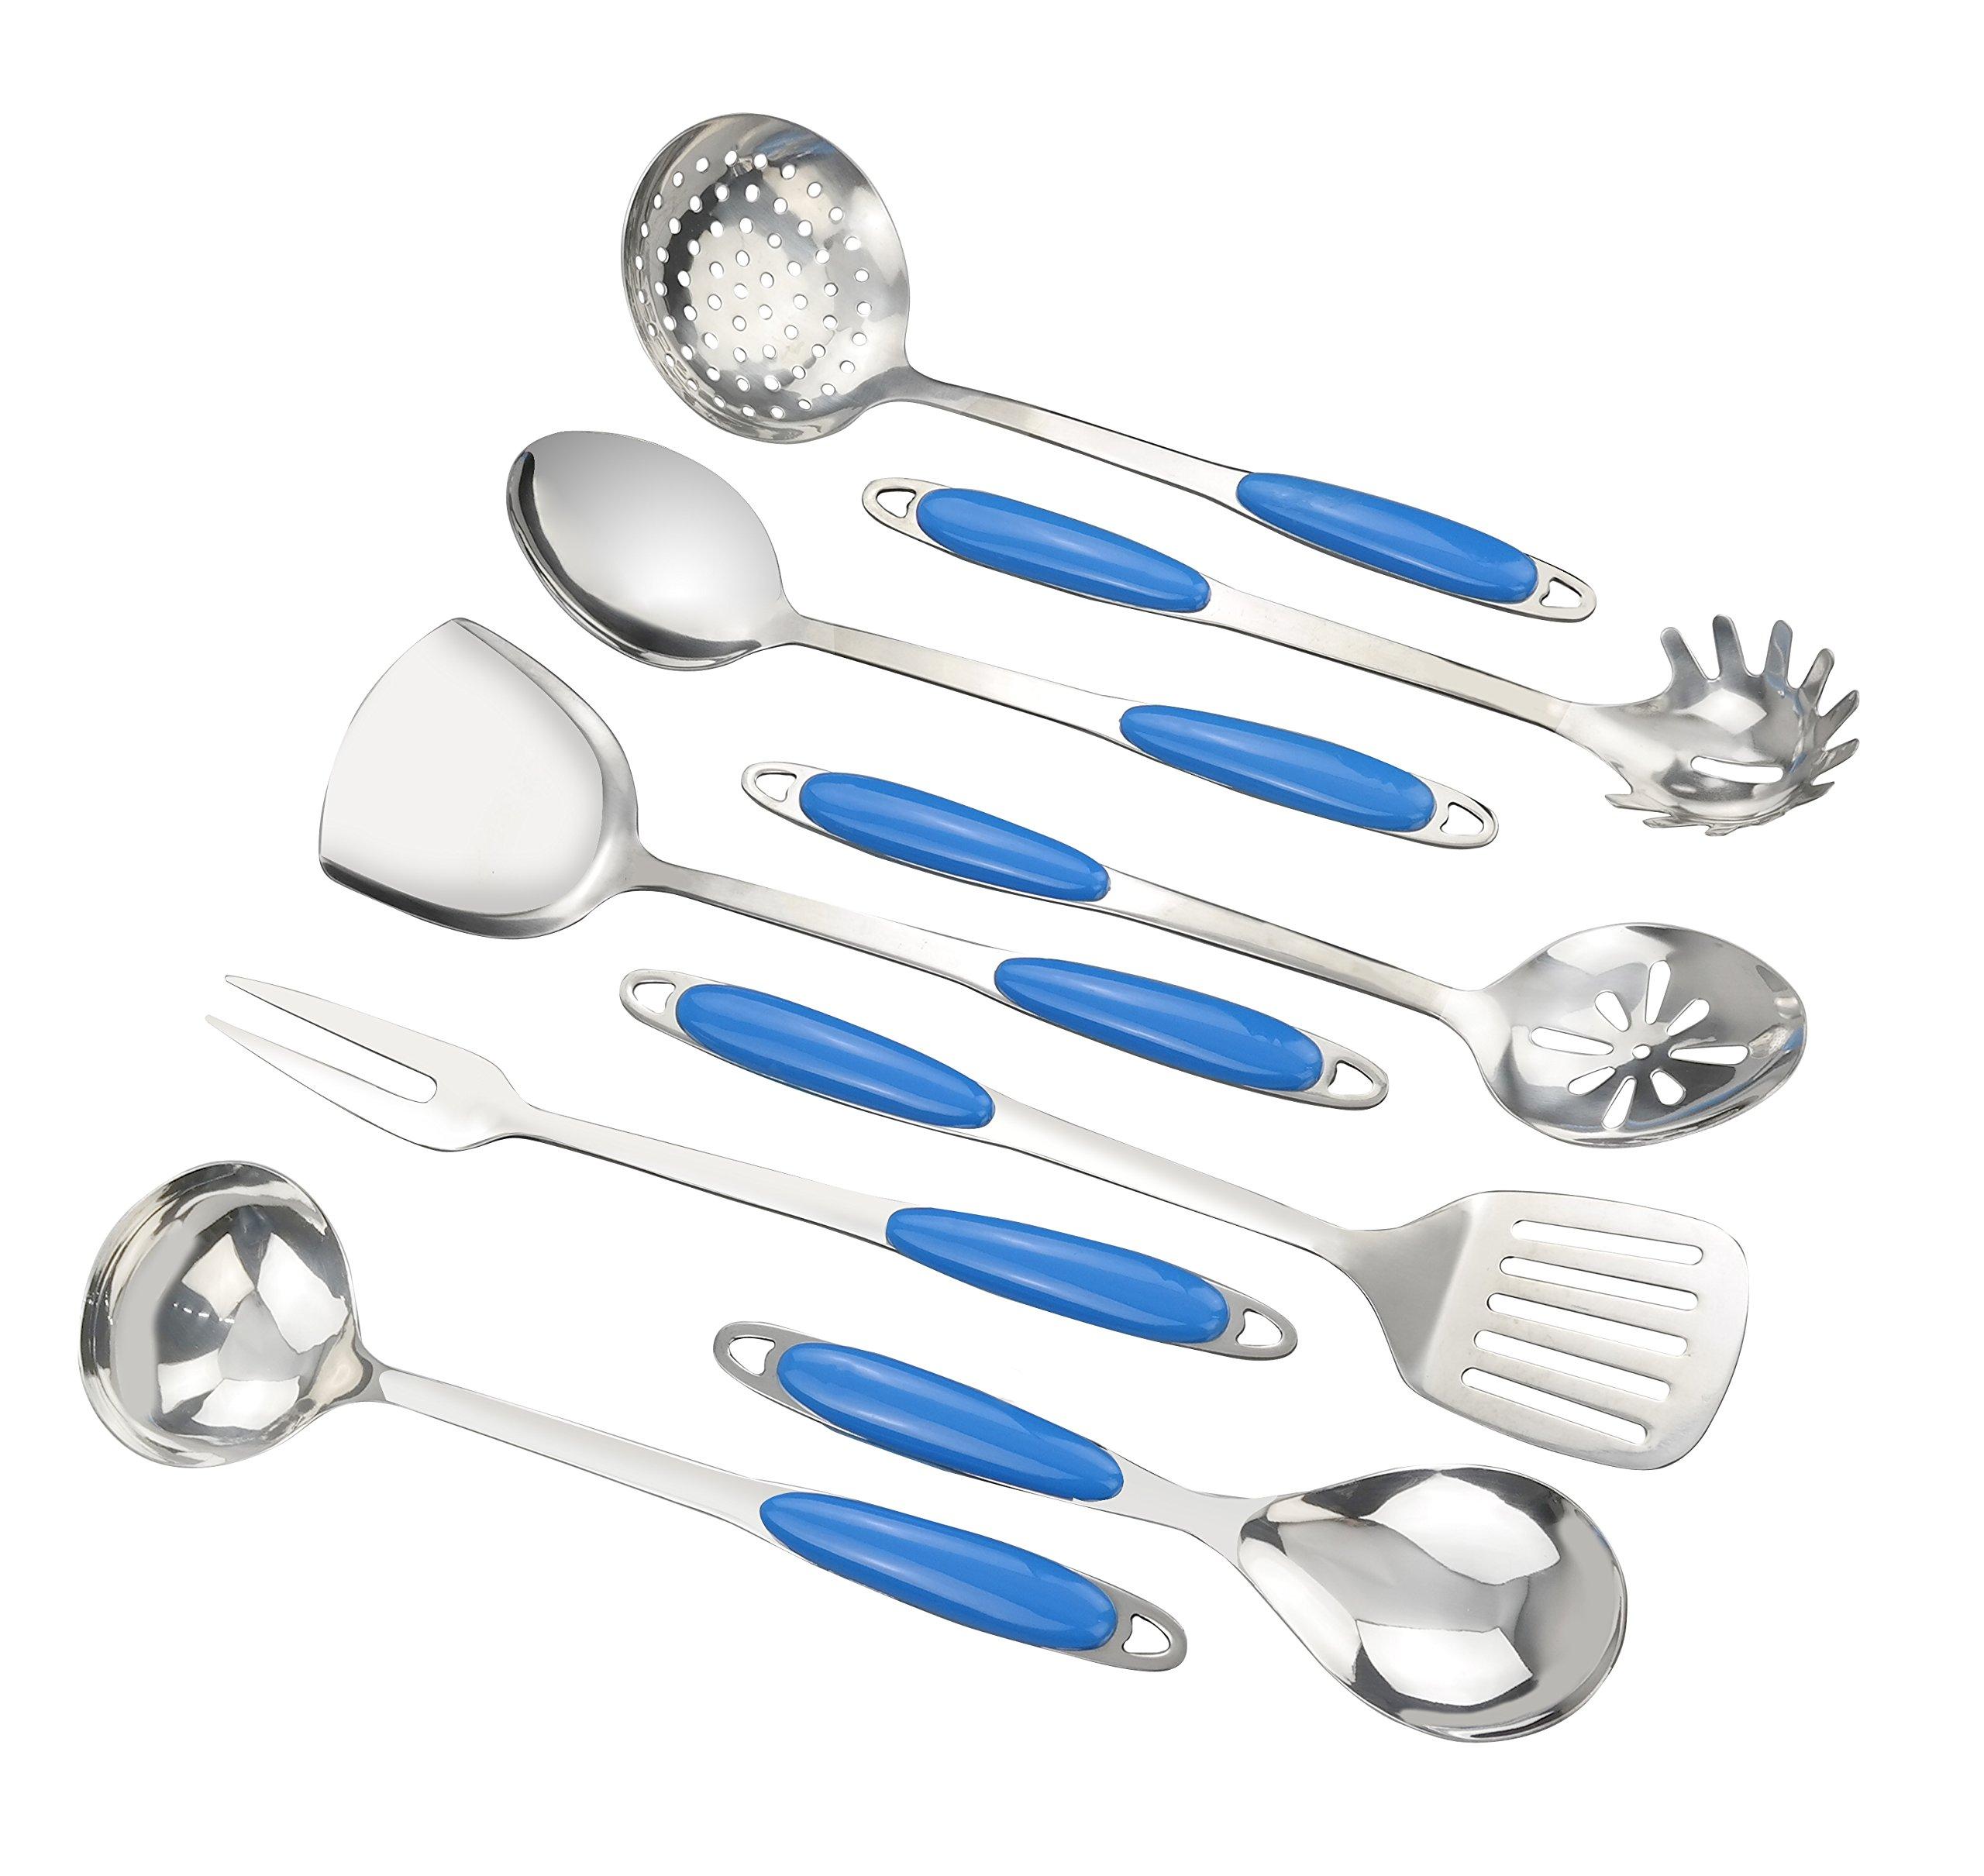 Ggbin Kitchen Utensil Set, Cooking Utensils Stainless Steel Kitchen Gadgets, 9-Piece, F